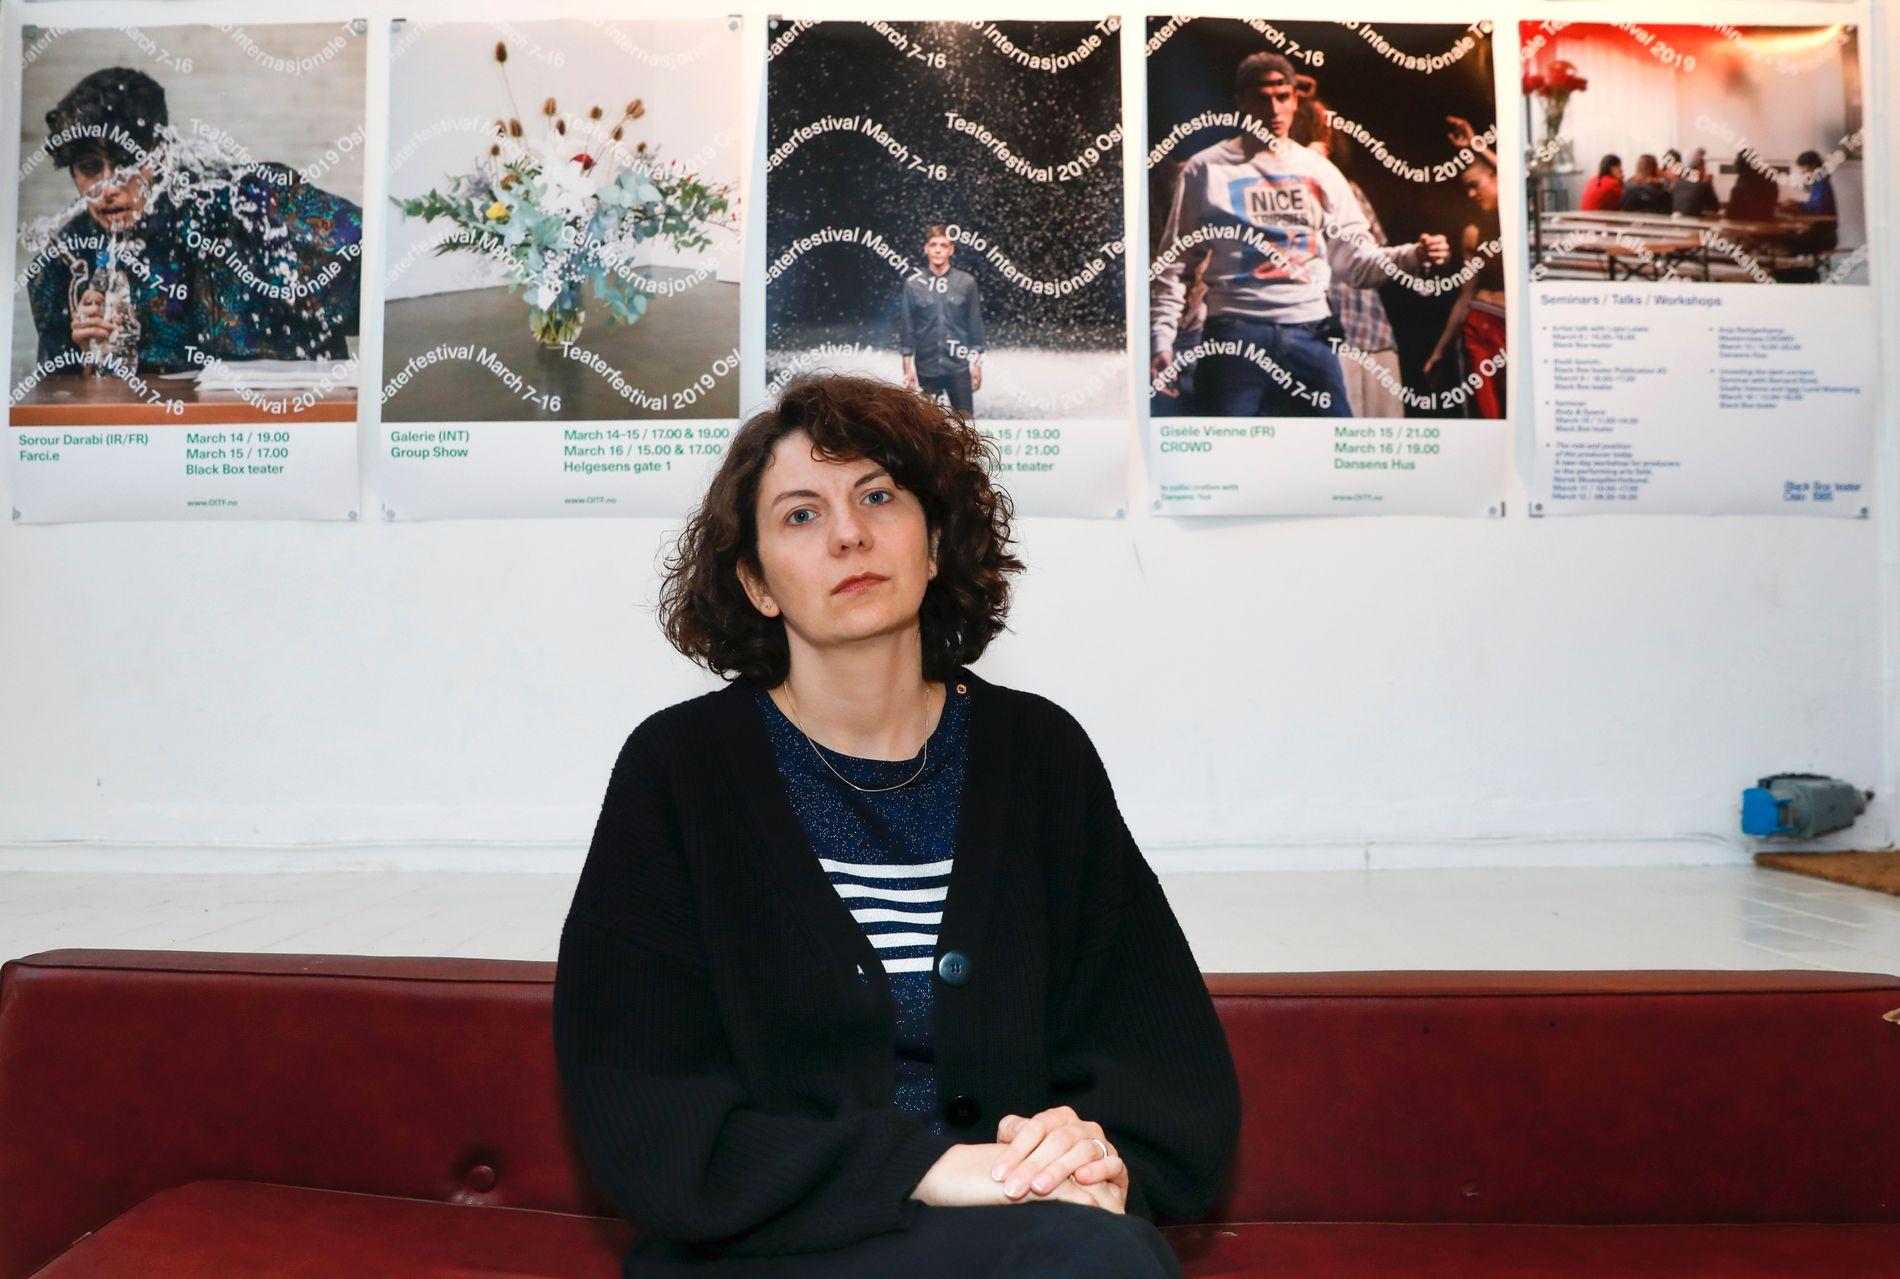 Teatersjef Anne-Cécile Sibué-Birkeland ved Black Box er blant de fire siktede.